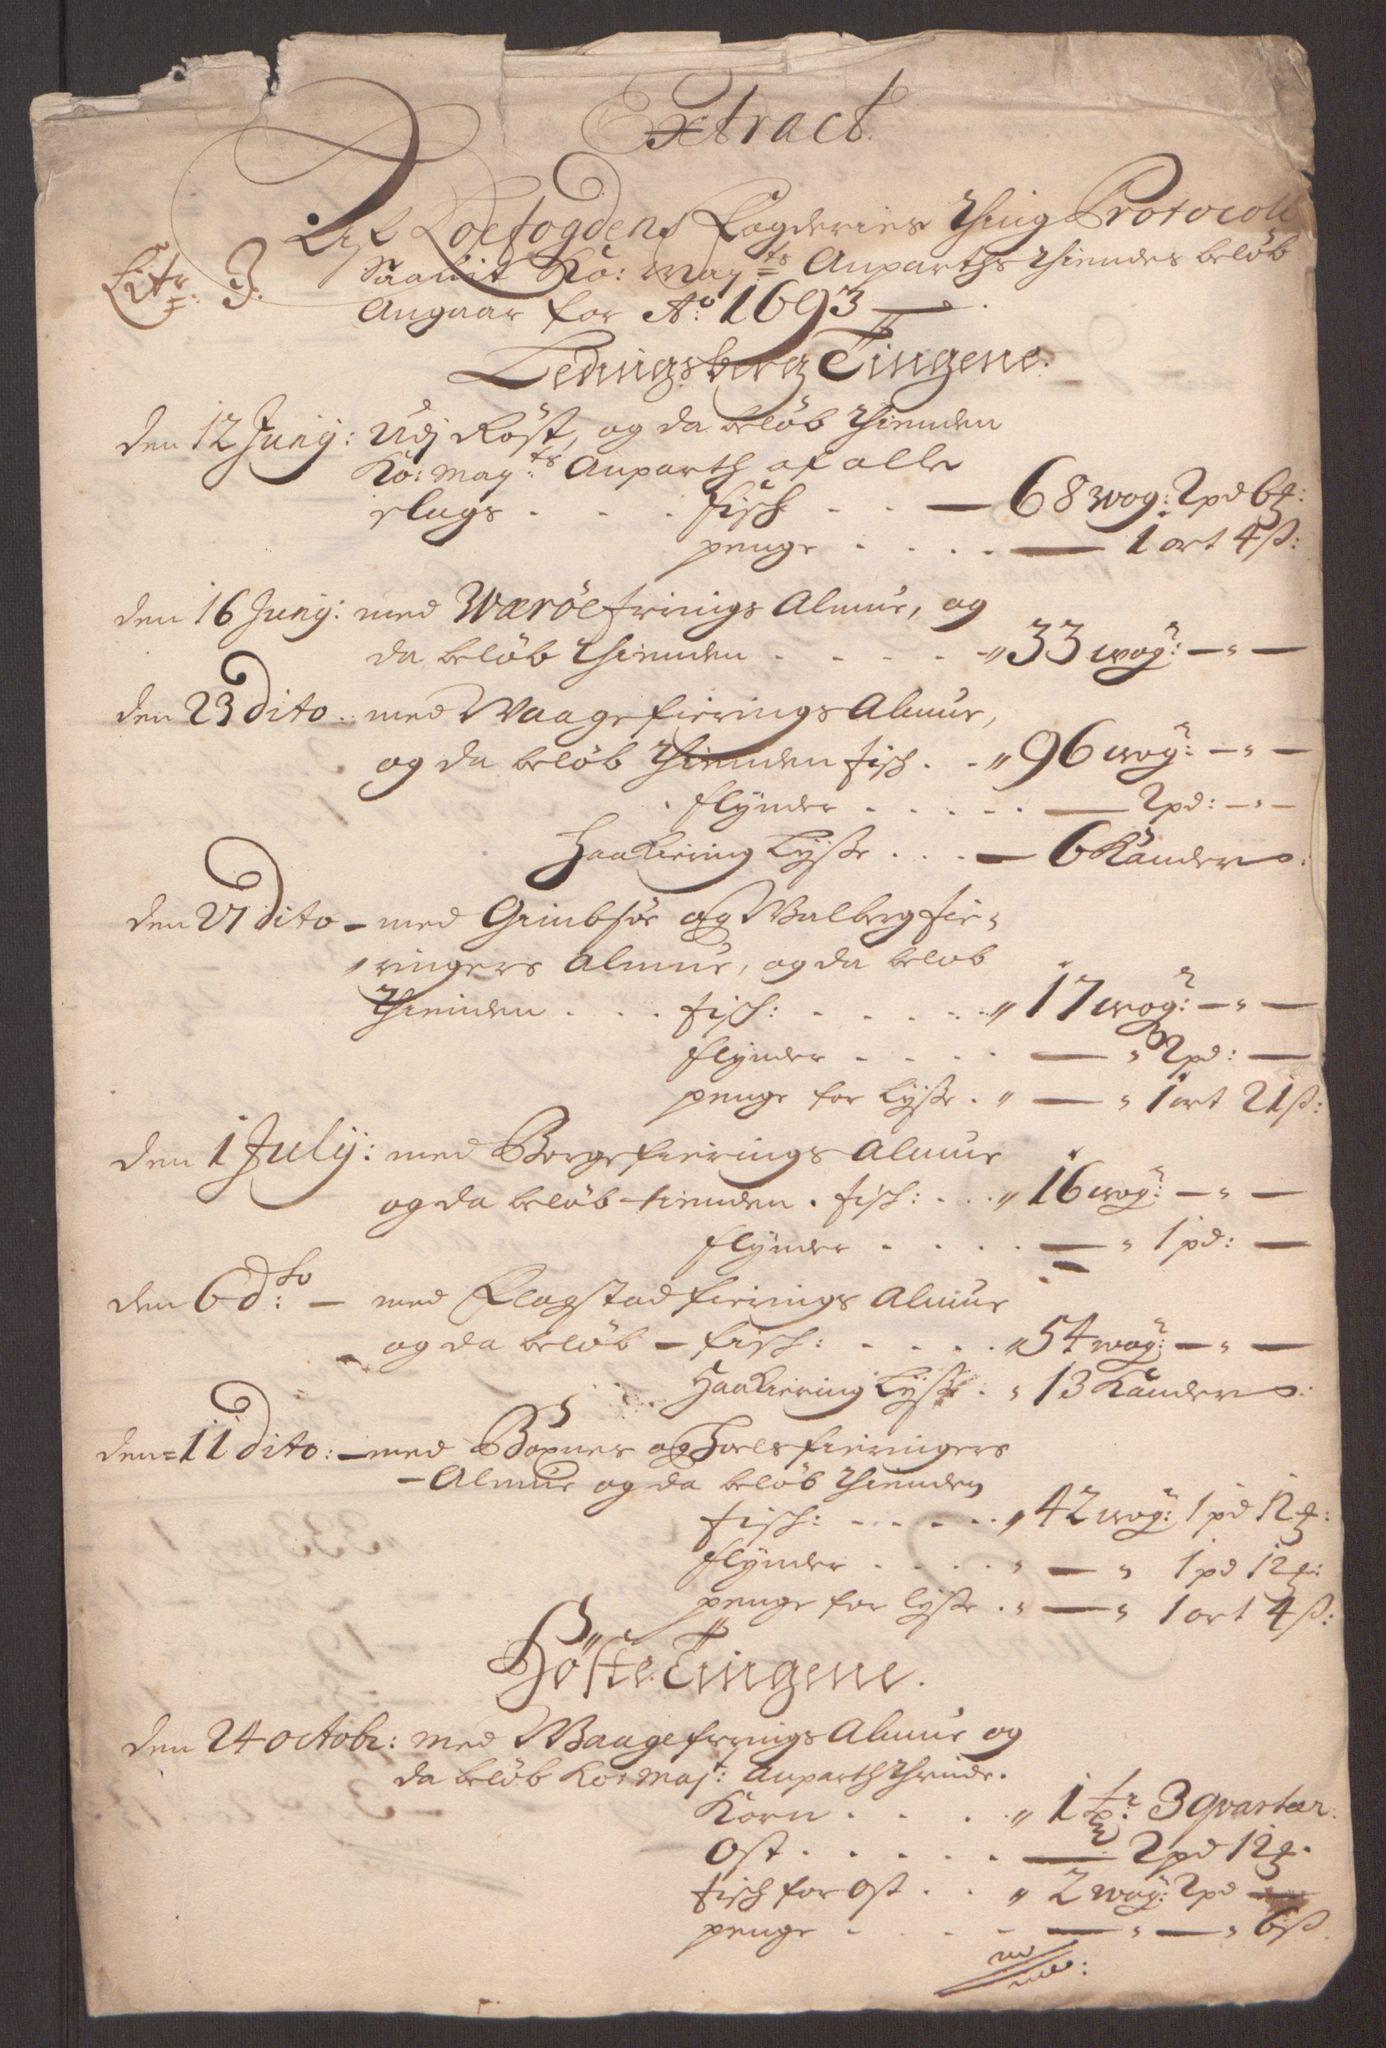 RA, Rentekammeret inntil 1814, Reviderte regnskaper, Fogderegnskap, R67/L4675: Fogderegnskap Vesterålen, Andenes og Lofoten, 1691-1693, s. 284